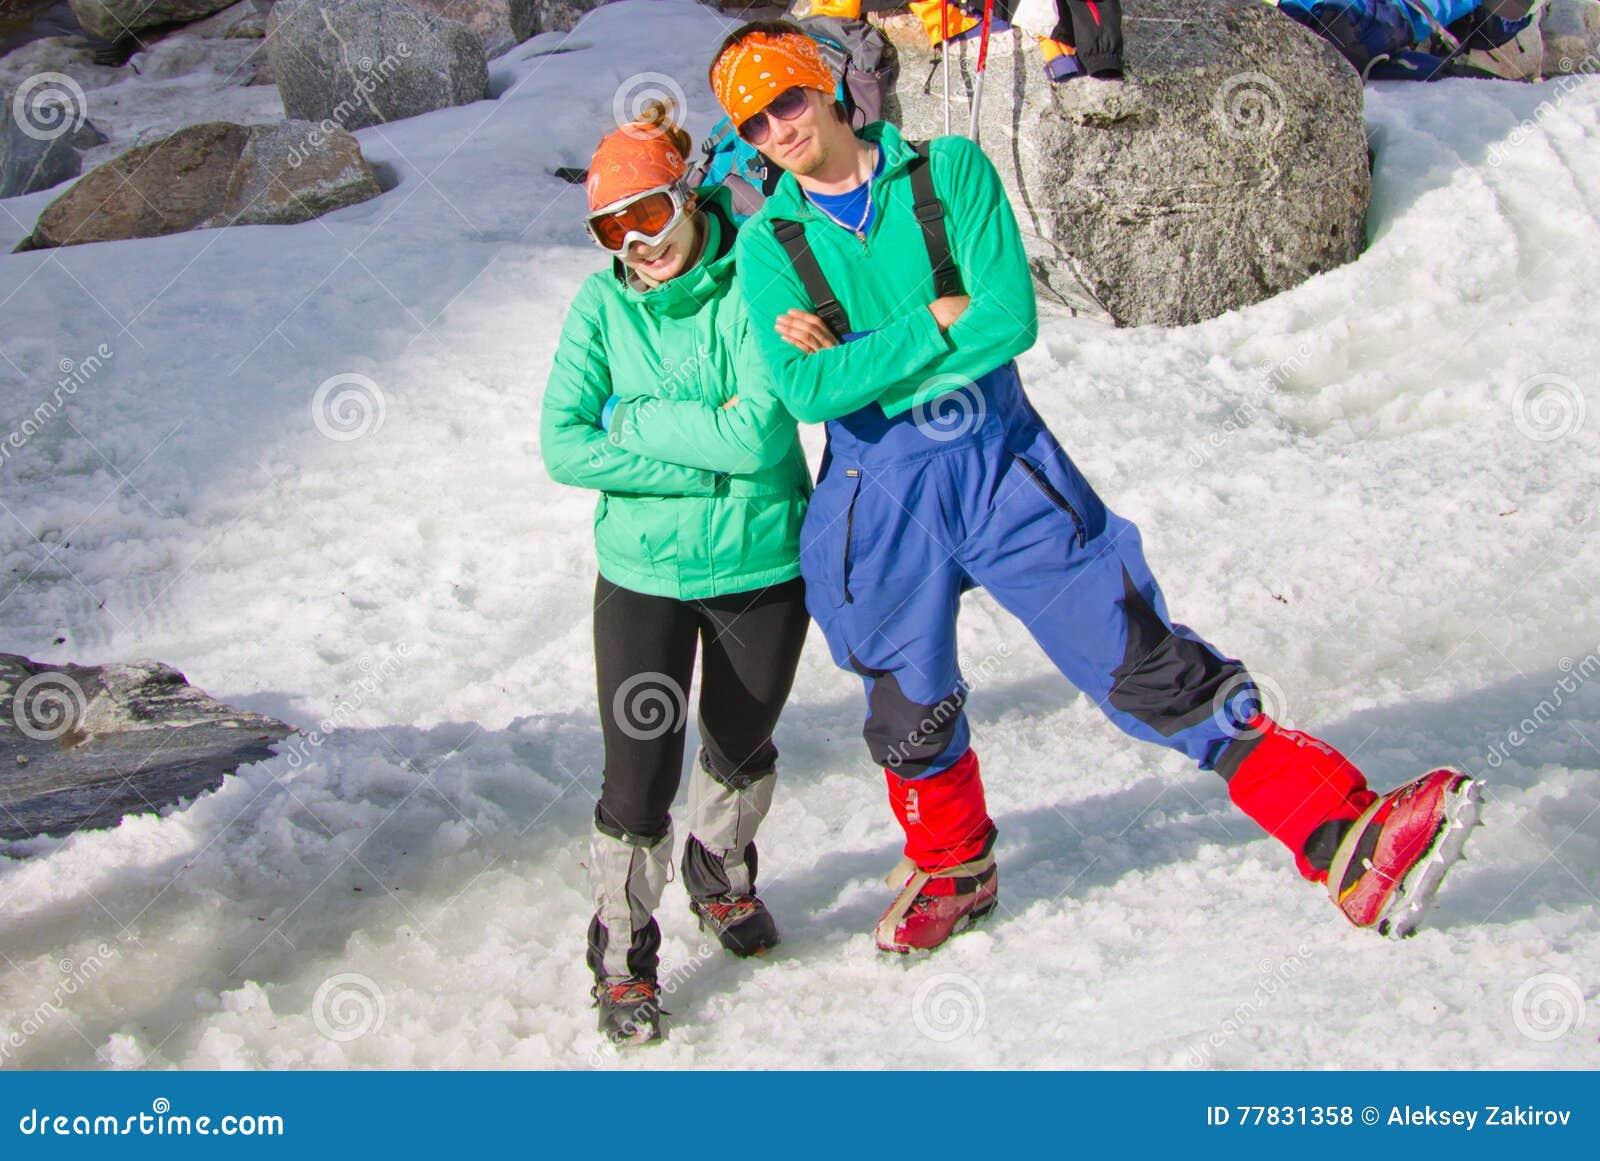 Dos turistas mujer y hombre de los escaladores de hielo que presentan en el mismo paño